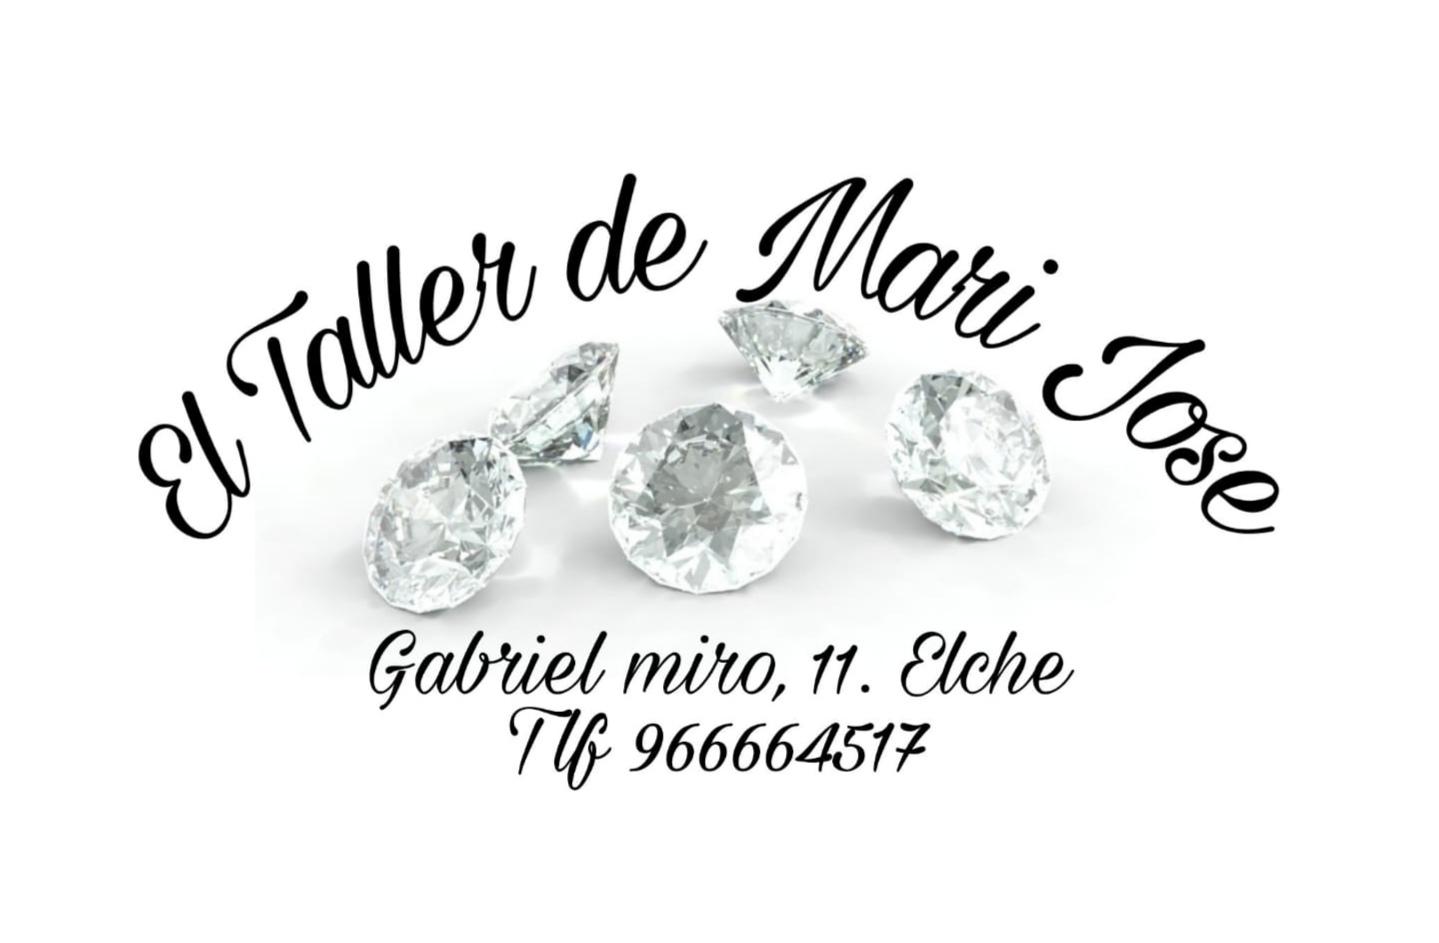 El Taller De Mari Jose